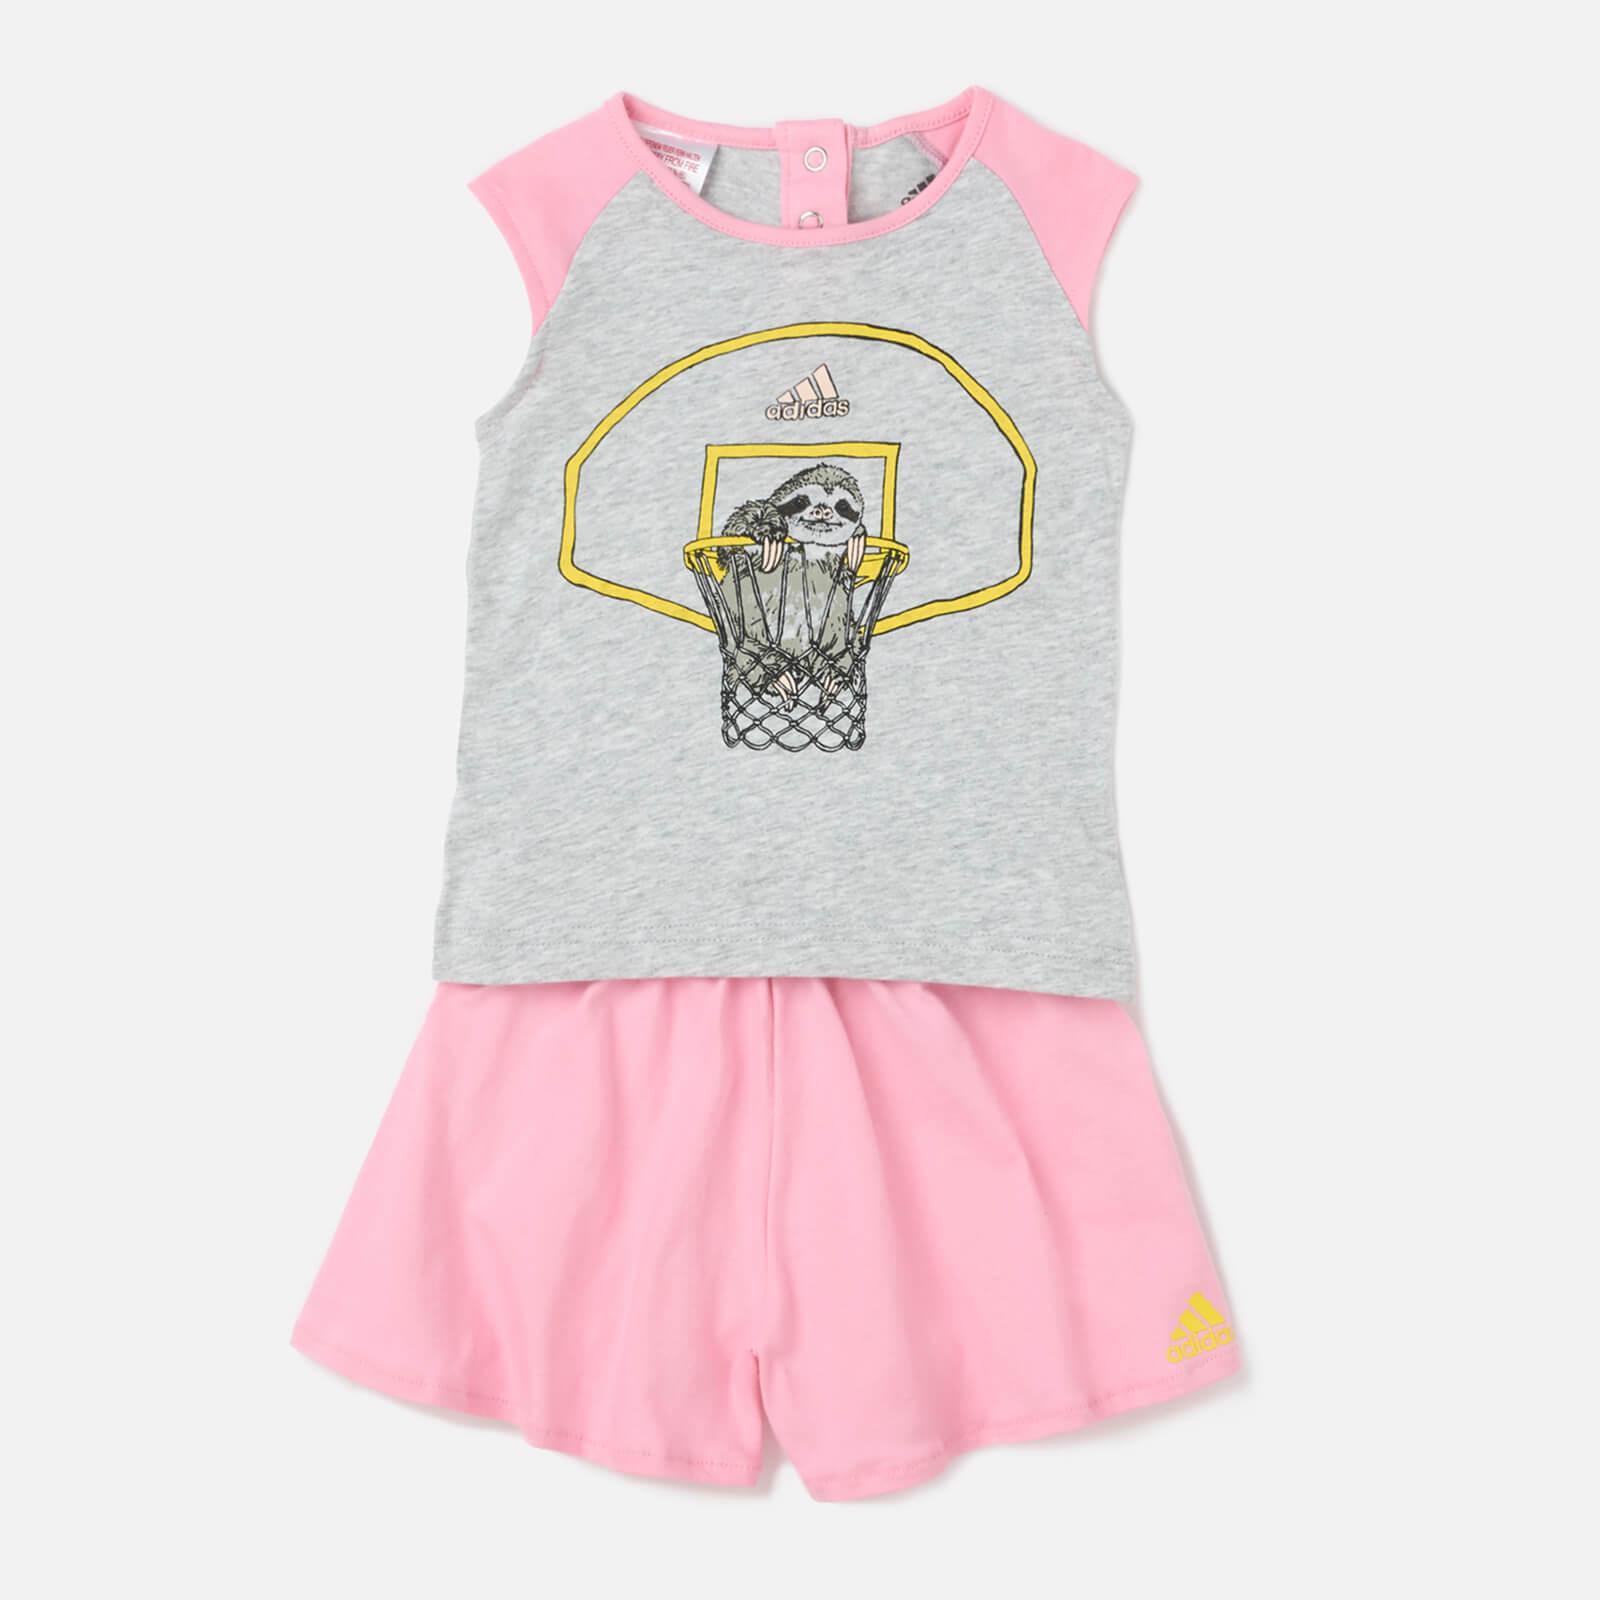 adidas Girls' Animal T-Shirt Set - Grey - 6-9 months - Grey